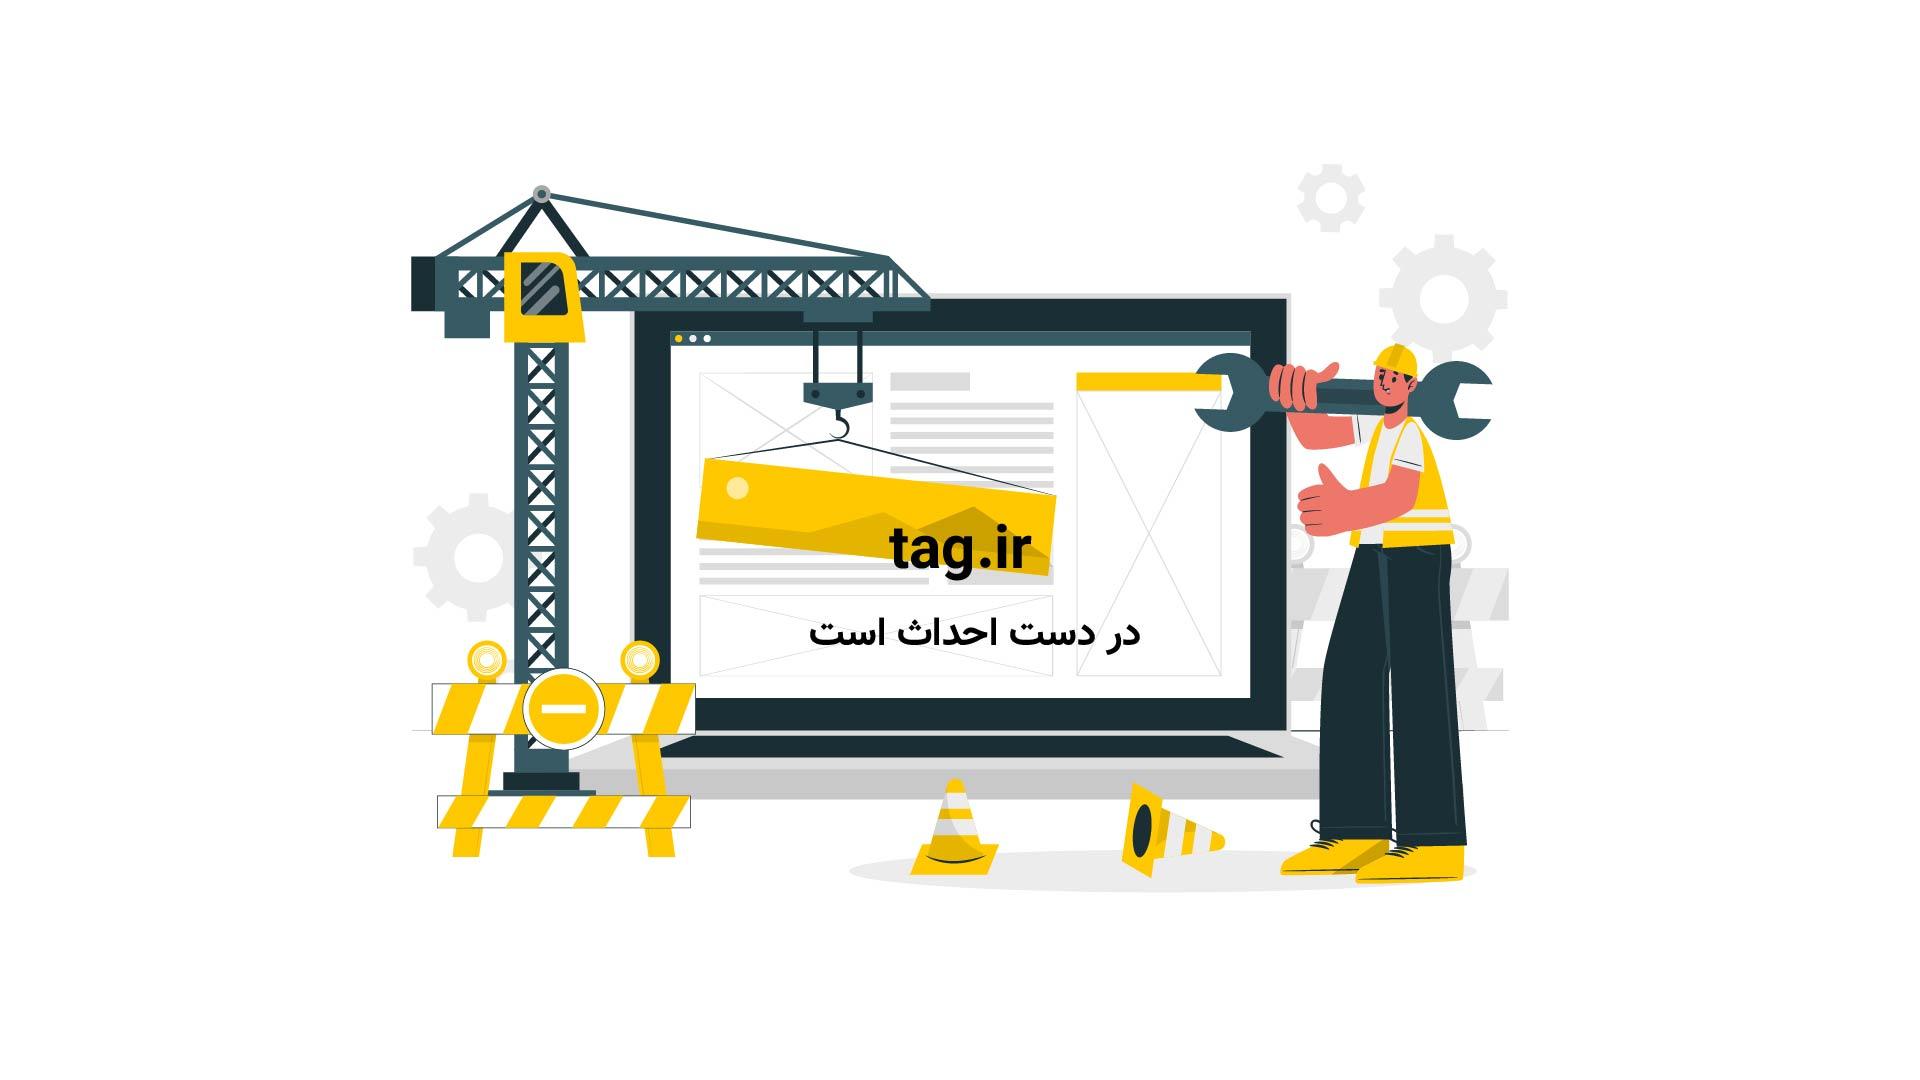 ادا بازی فرزاد حسنی برای سرباز کشیک | فیلم